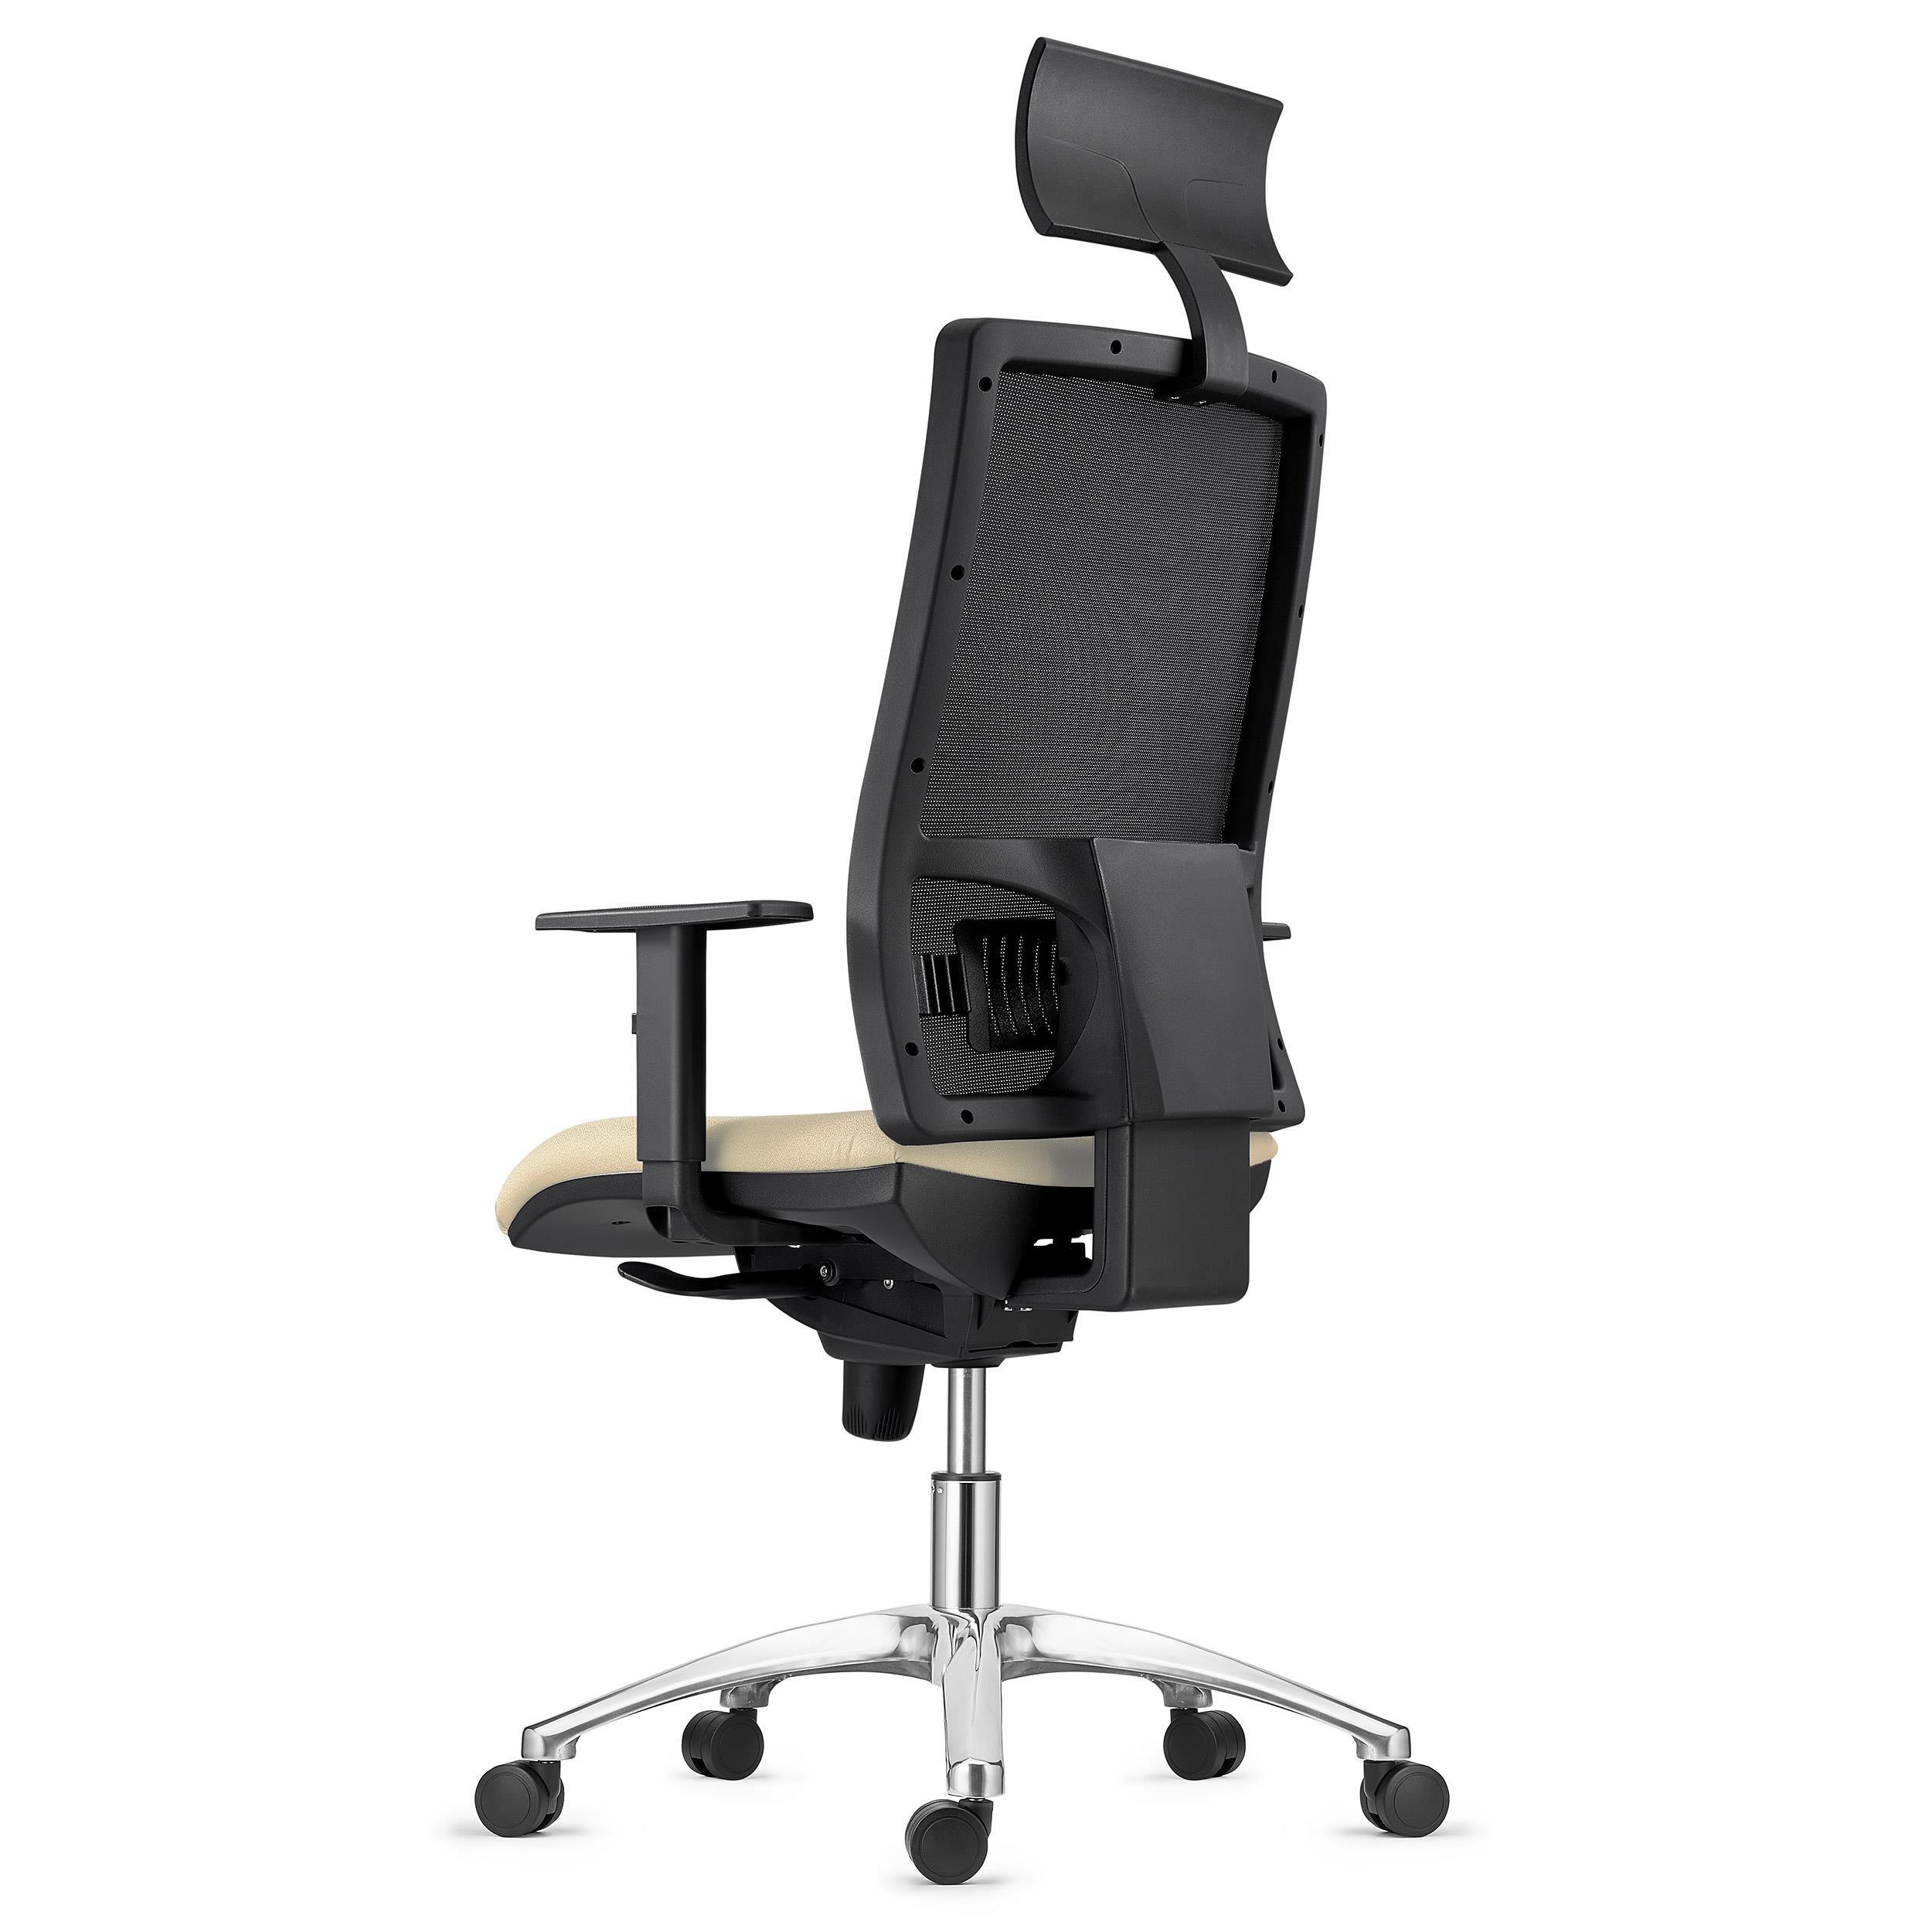 Sedia ergonomica per ufficio: requisiti e caratteristiche